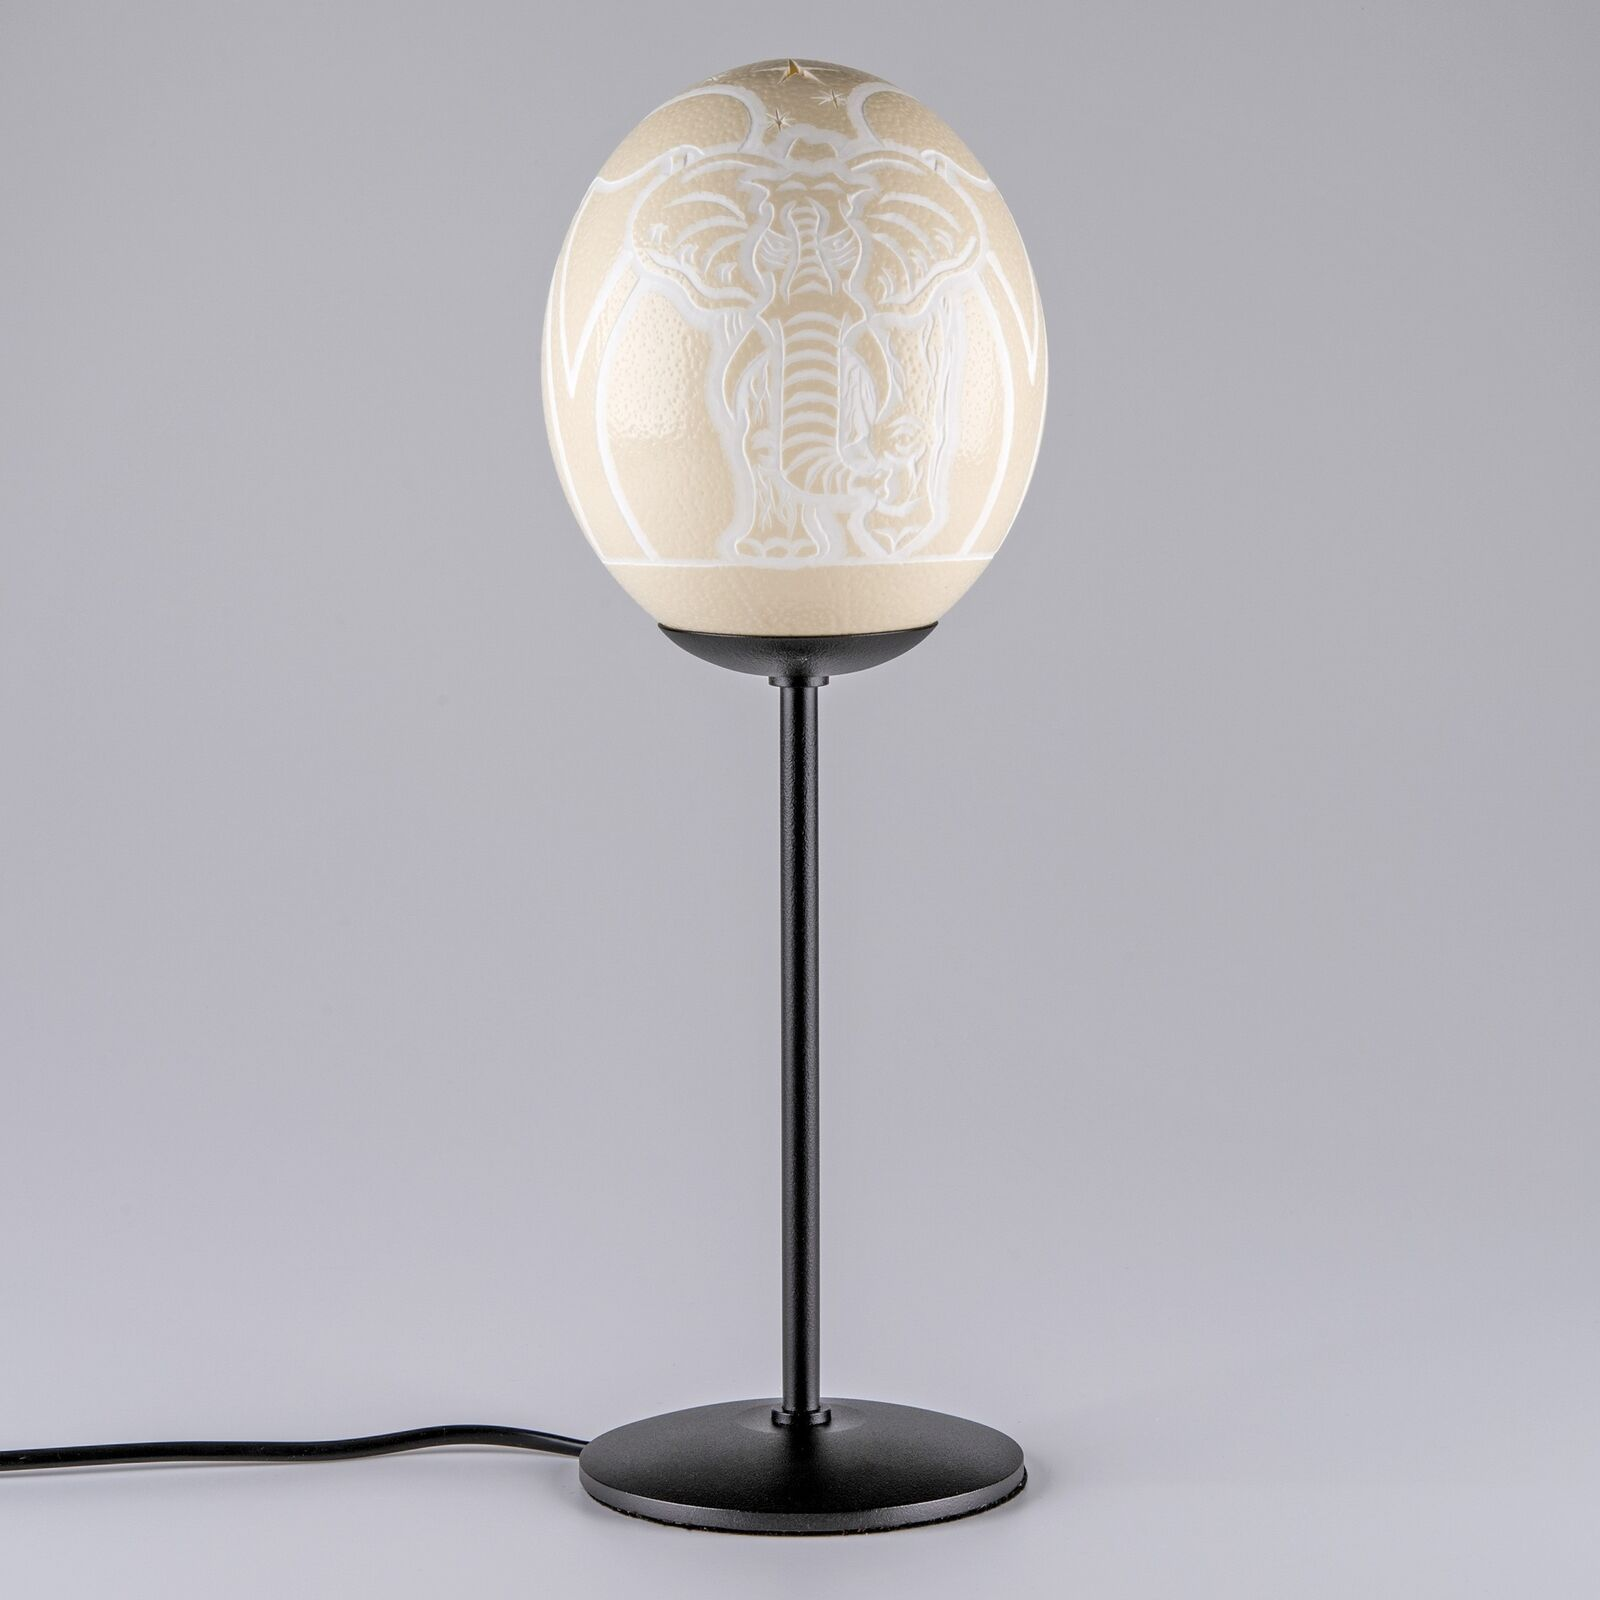 Straußeneilampe Elefant Strauß Beleuchtung Deko Design Lampe Straußeneierlampe